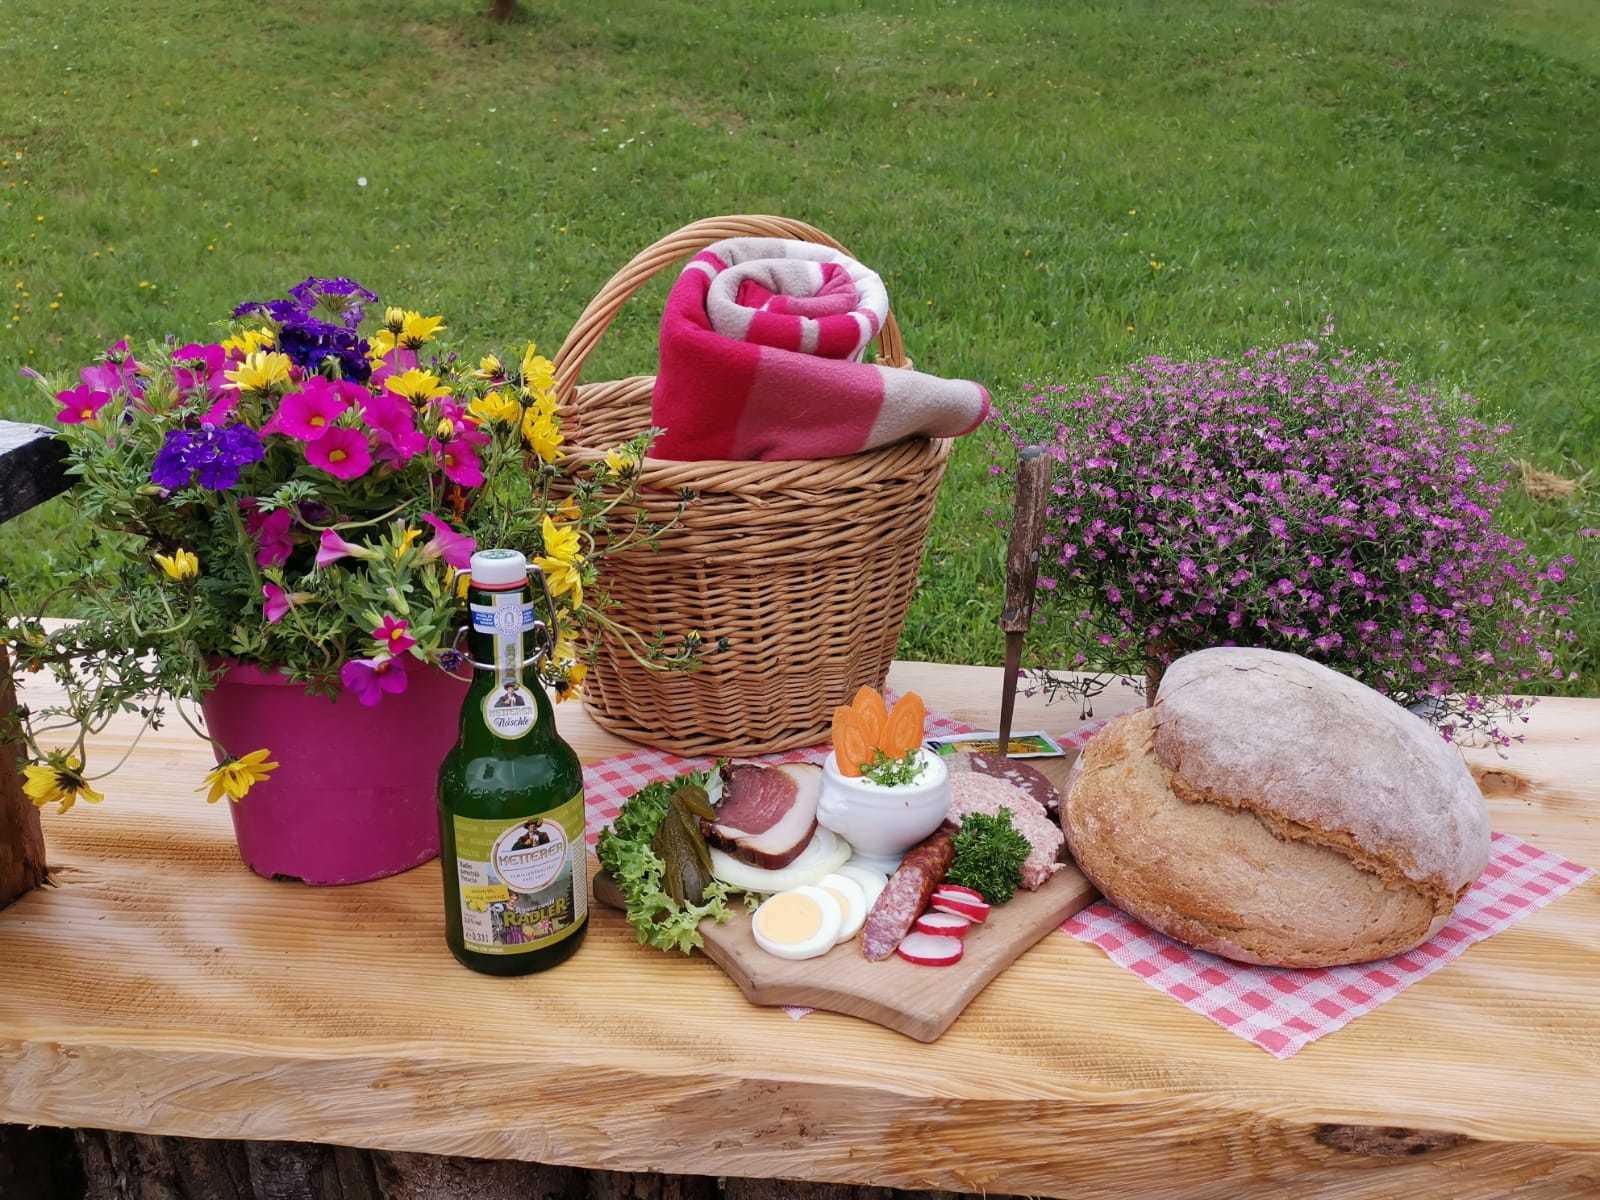 Nordrach schmeckt - Picknick-Genuss und Panorama pur!